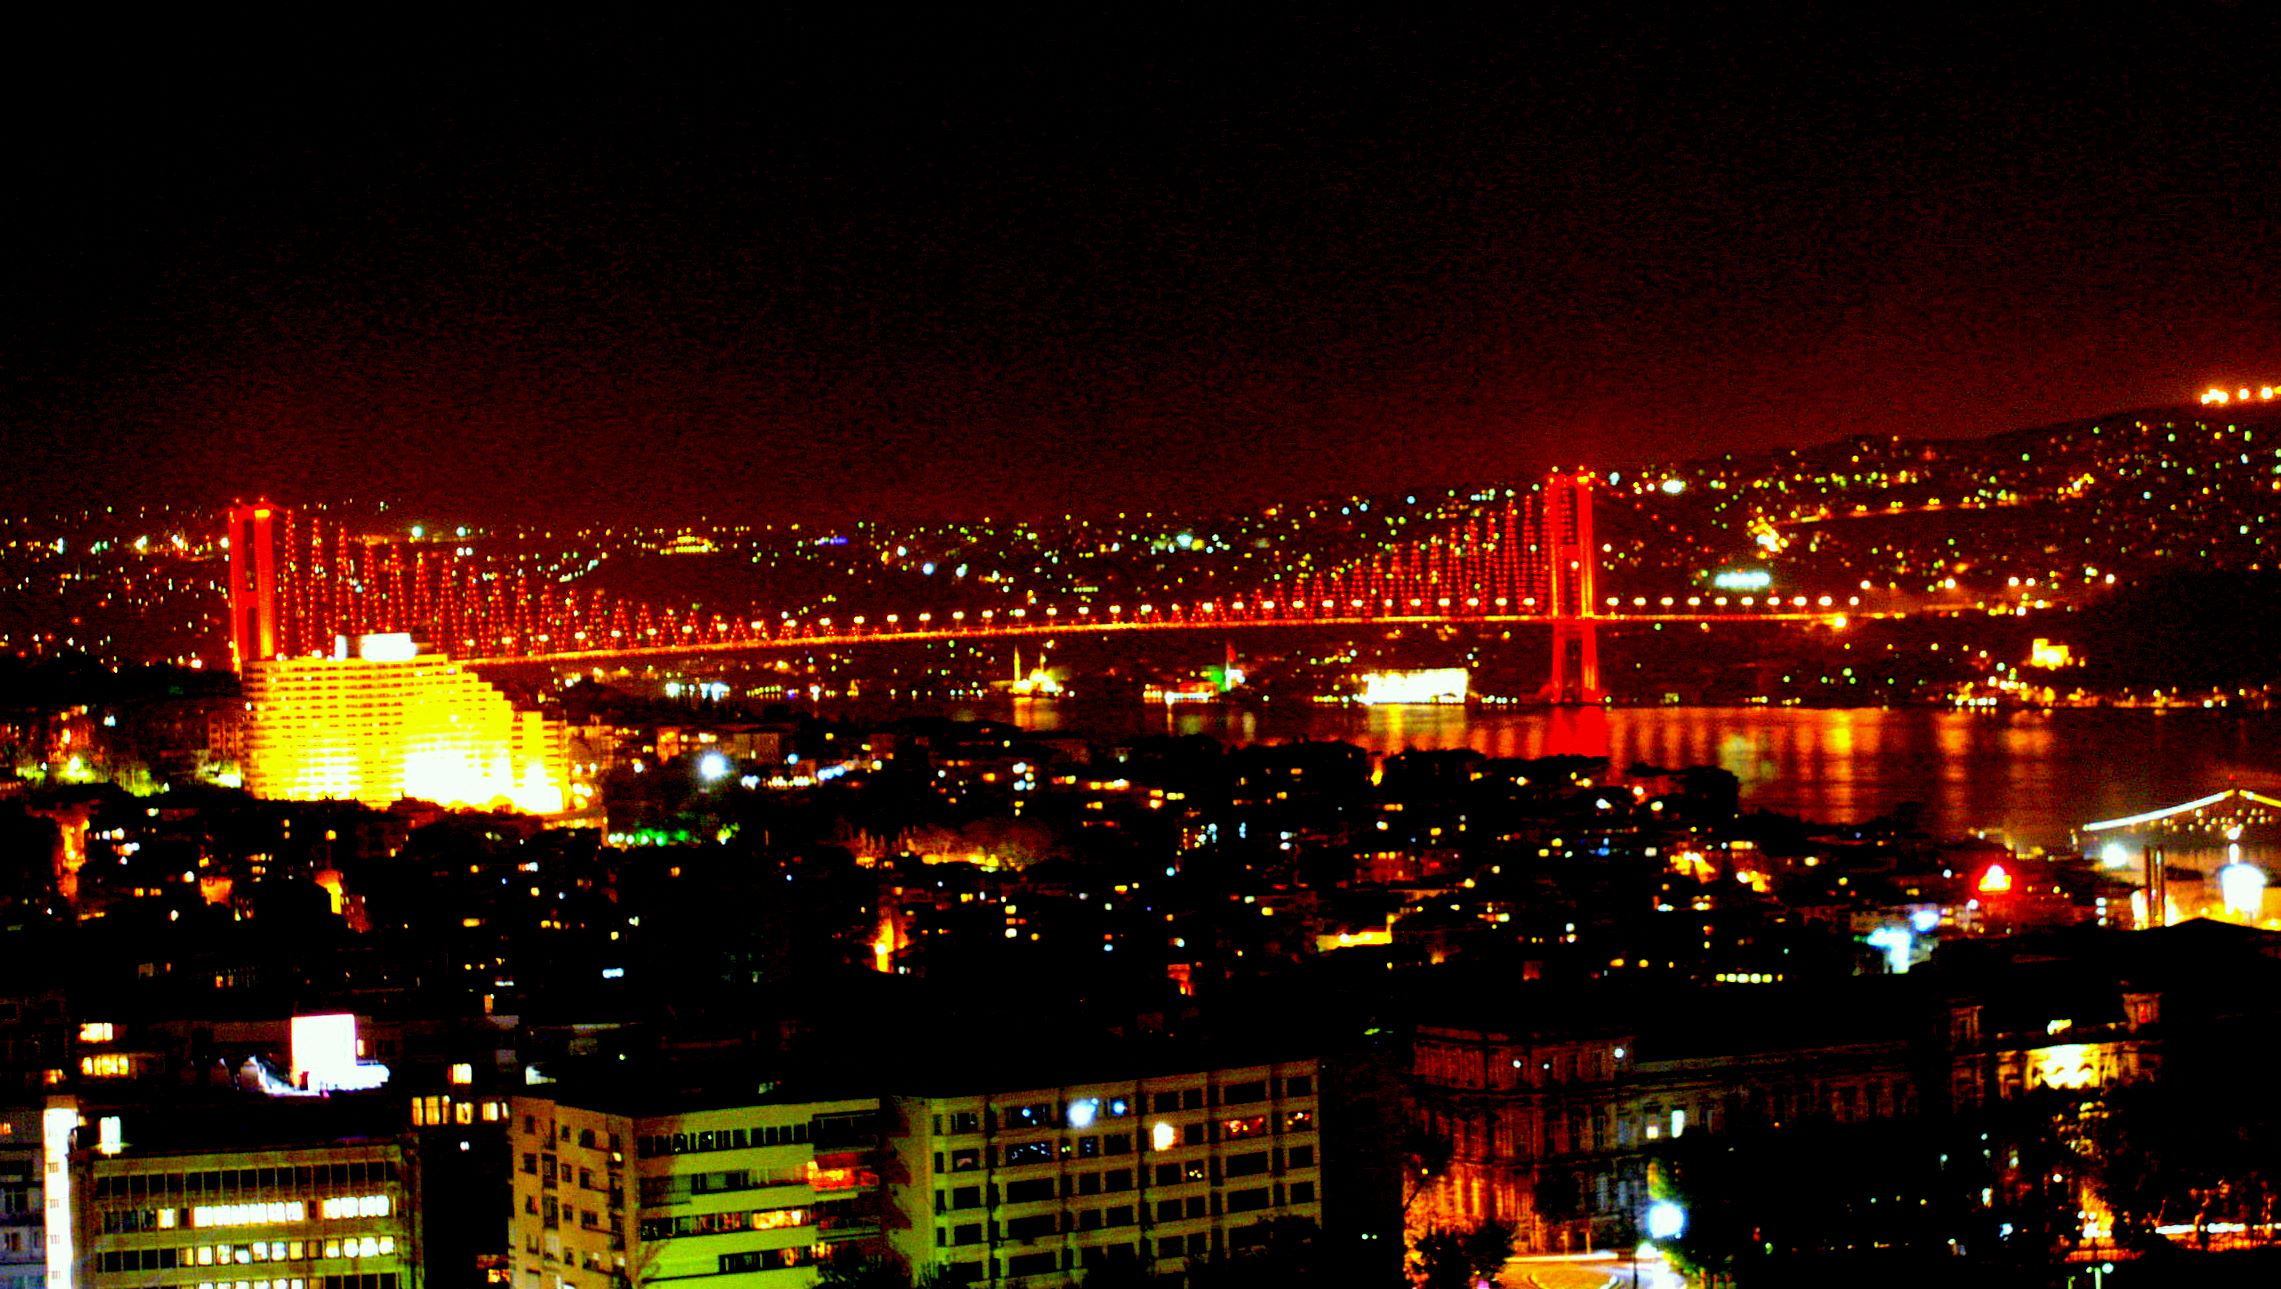 Tanım türkiye istanbul boğaziçi köprüsü işıklandırılmış